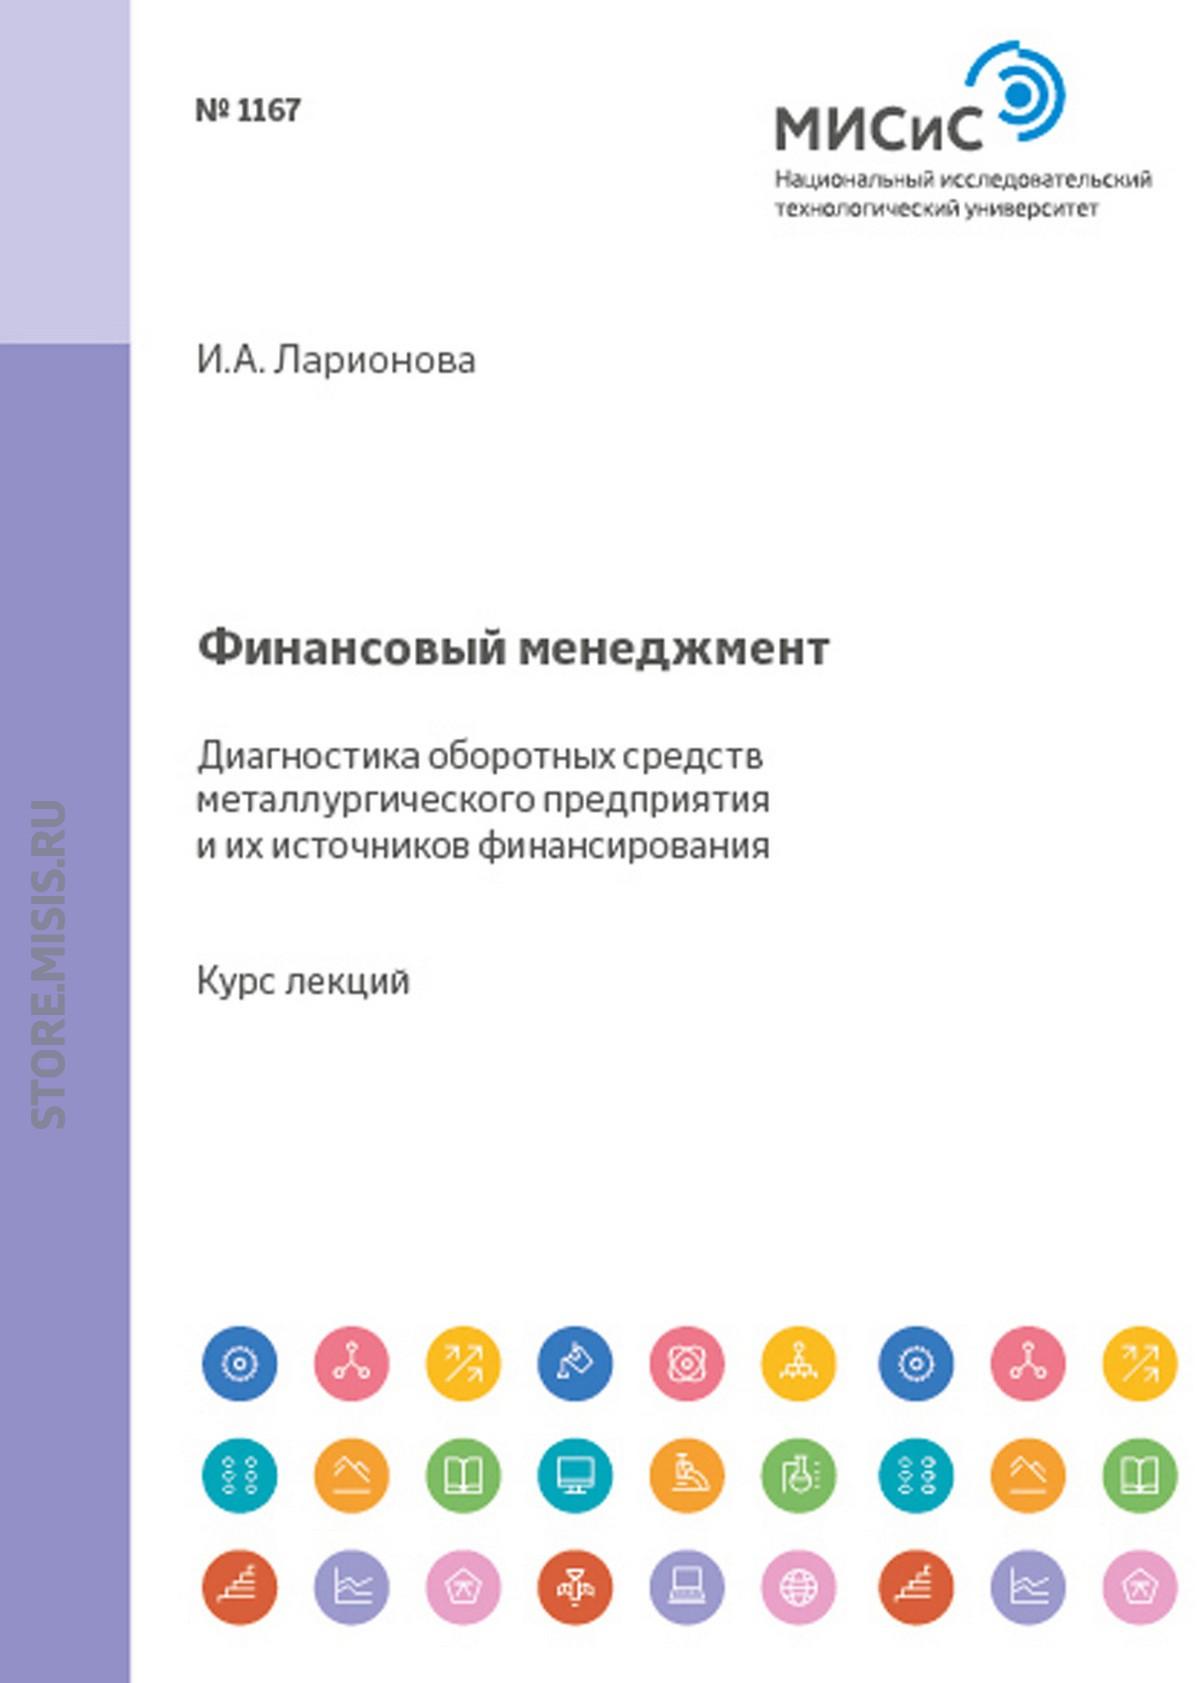 Финансовый менеджмент. Диагностика оборотных средств металлургического предприятия и источников их финансирования